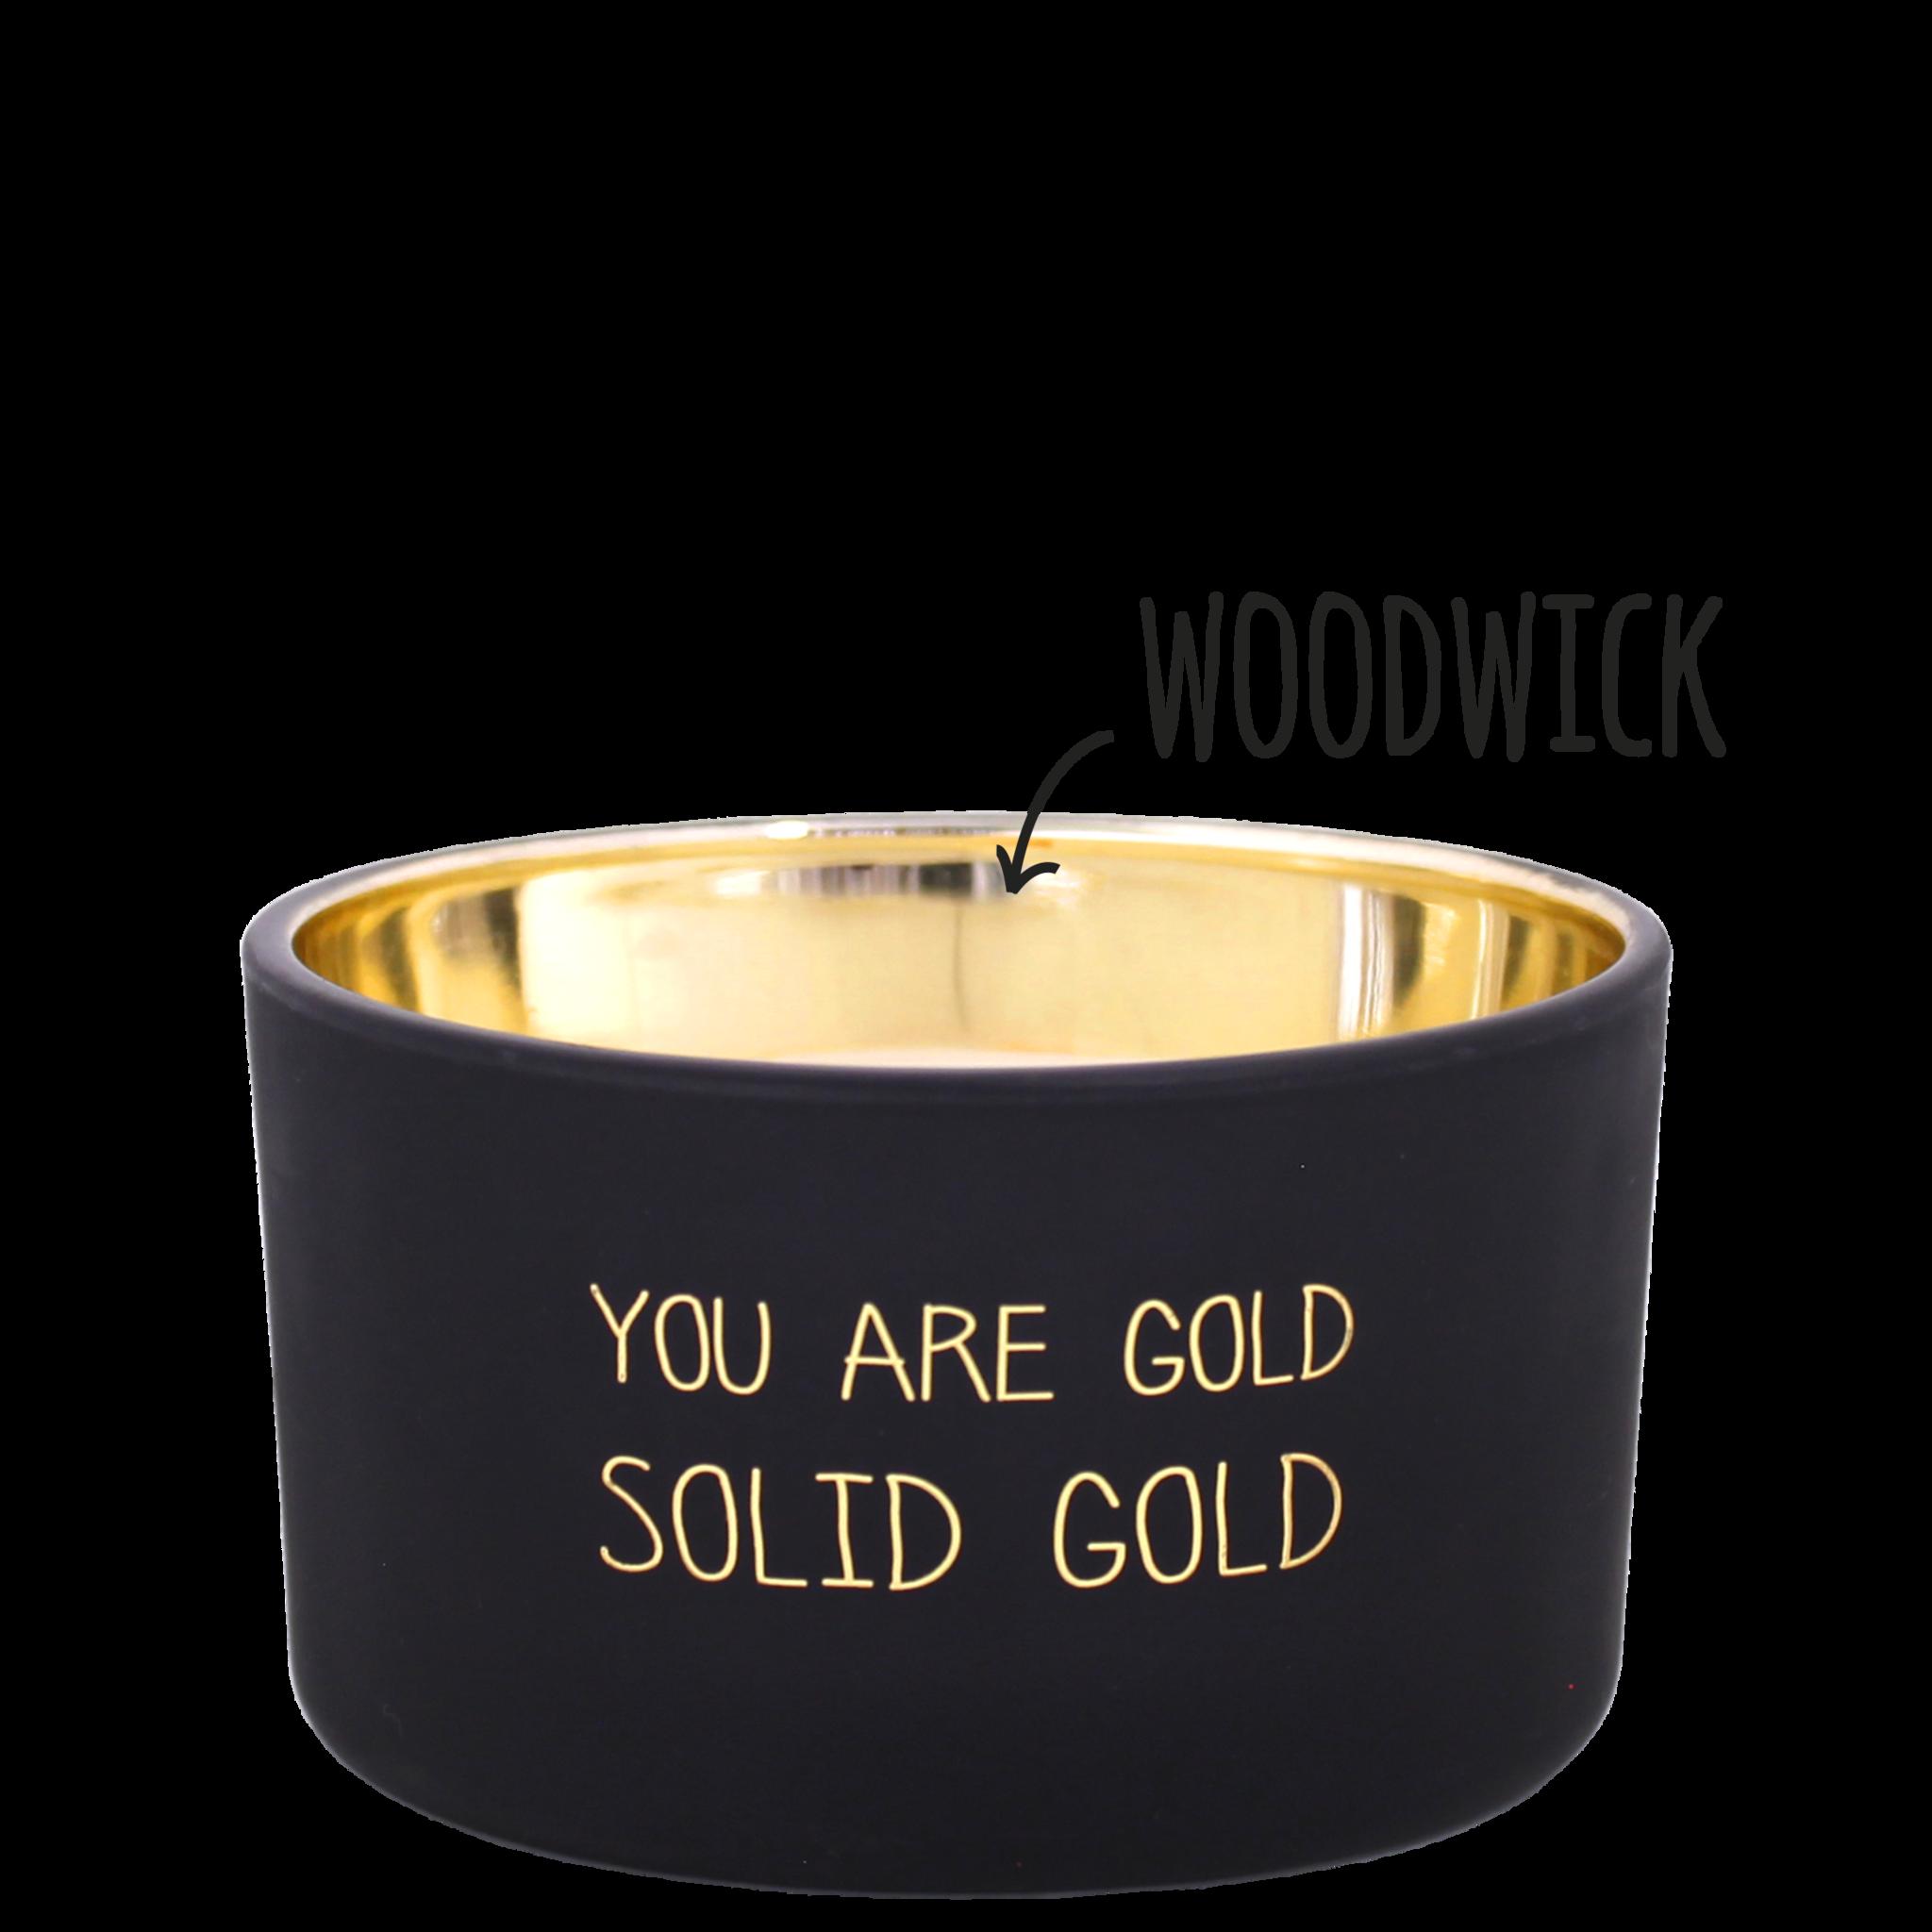 Bio sojakaars met geur - YOU ARE GOLD - Sandalwood Spice-1